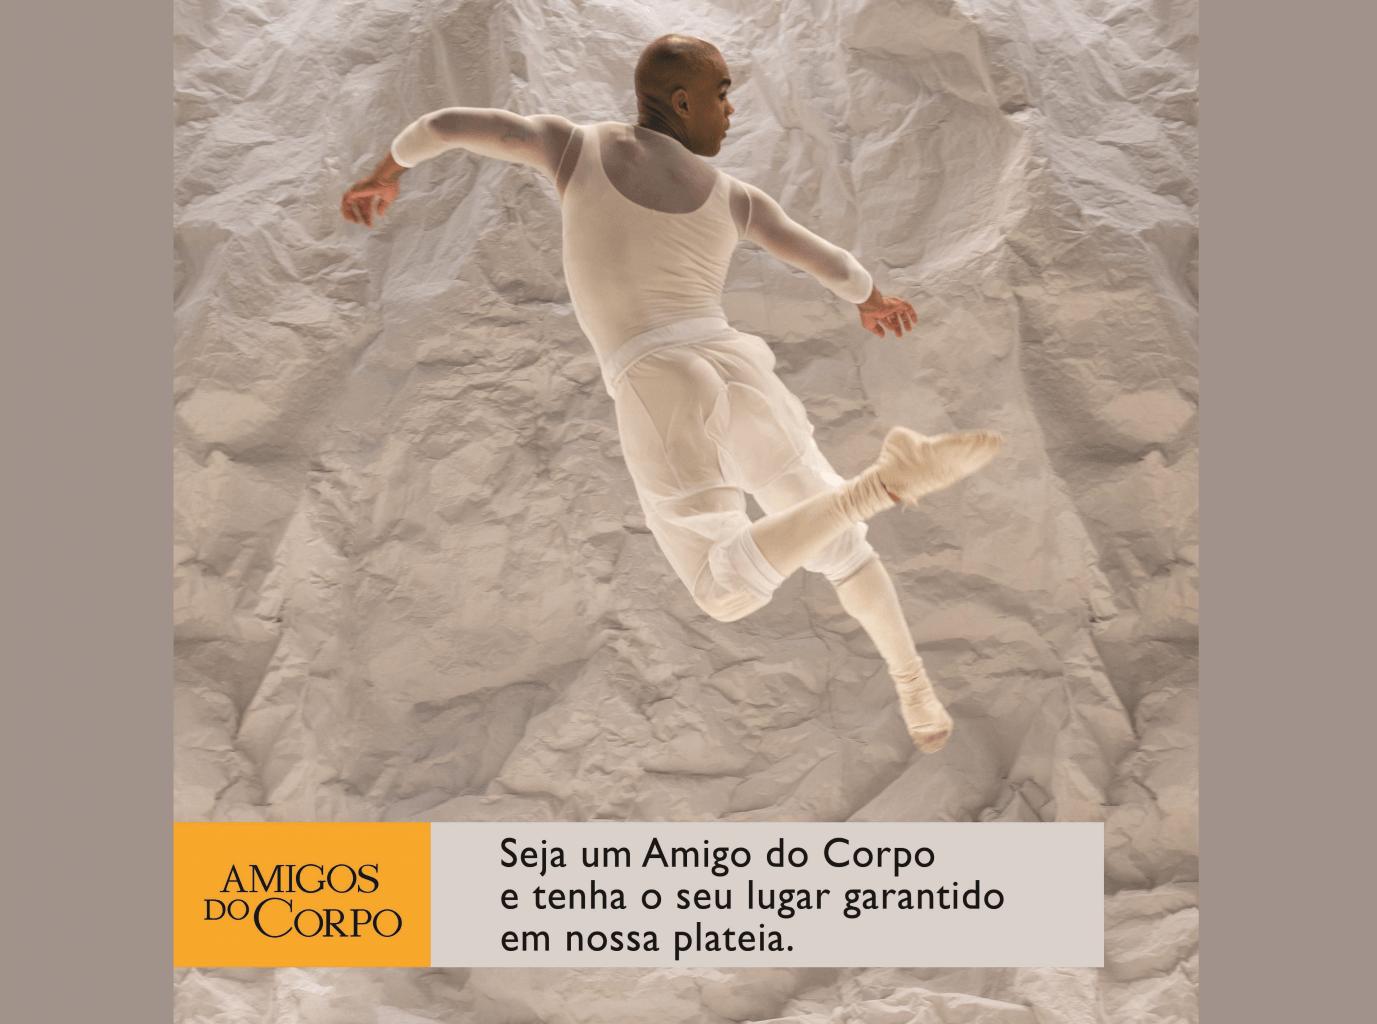 AMIGOS DO CORPO